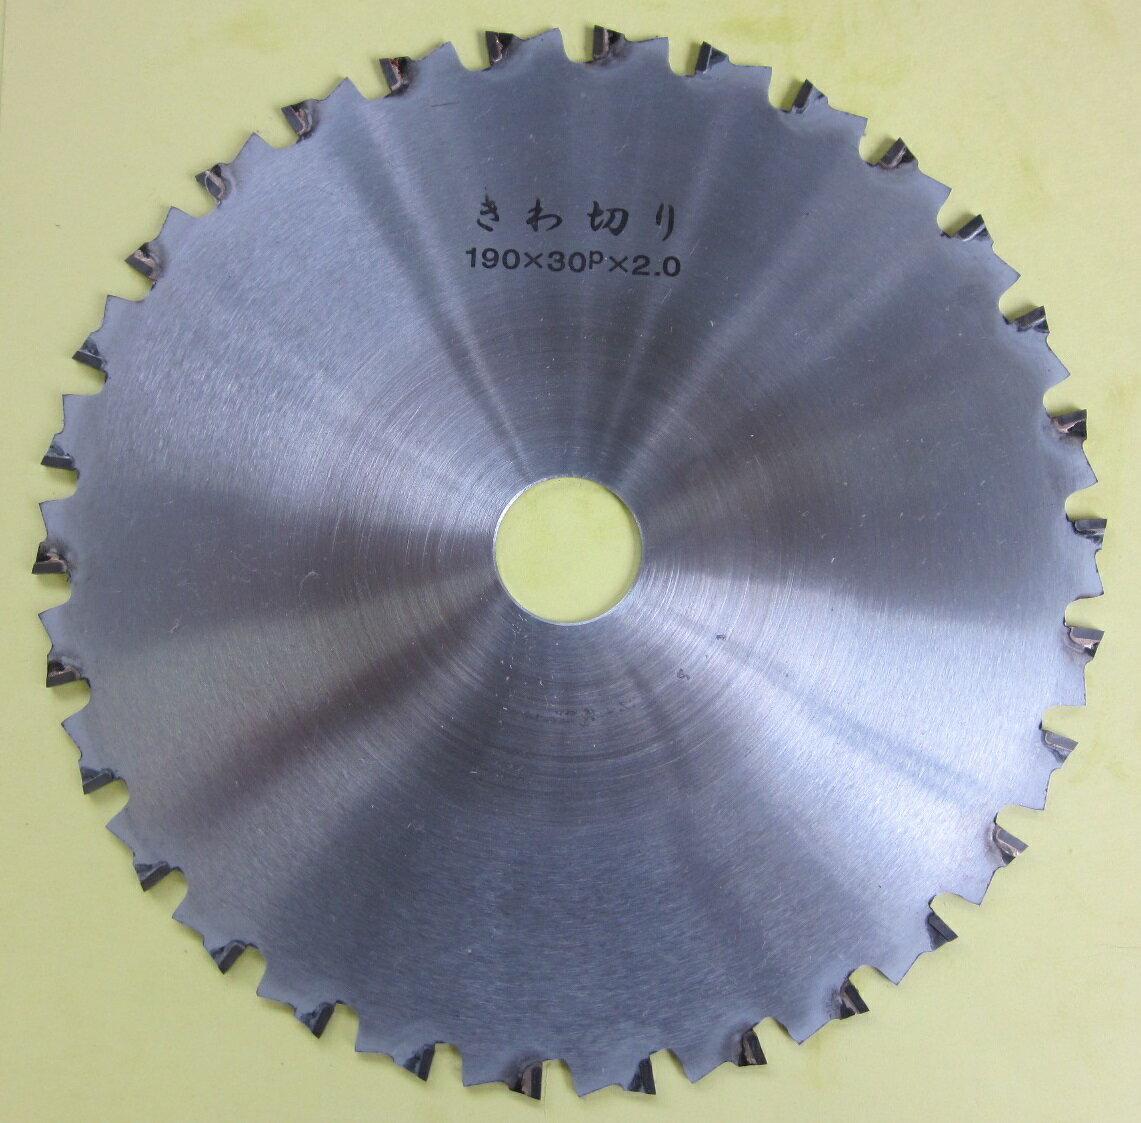 草刈りチップソー きわ切り190x30Px2.0mmx25.4mm